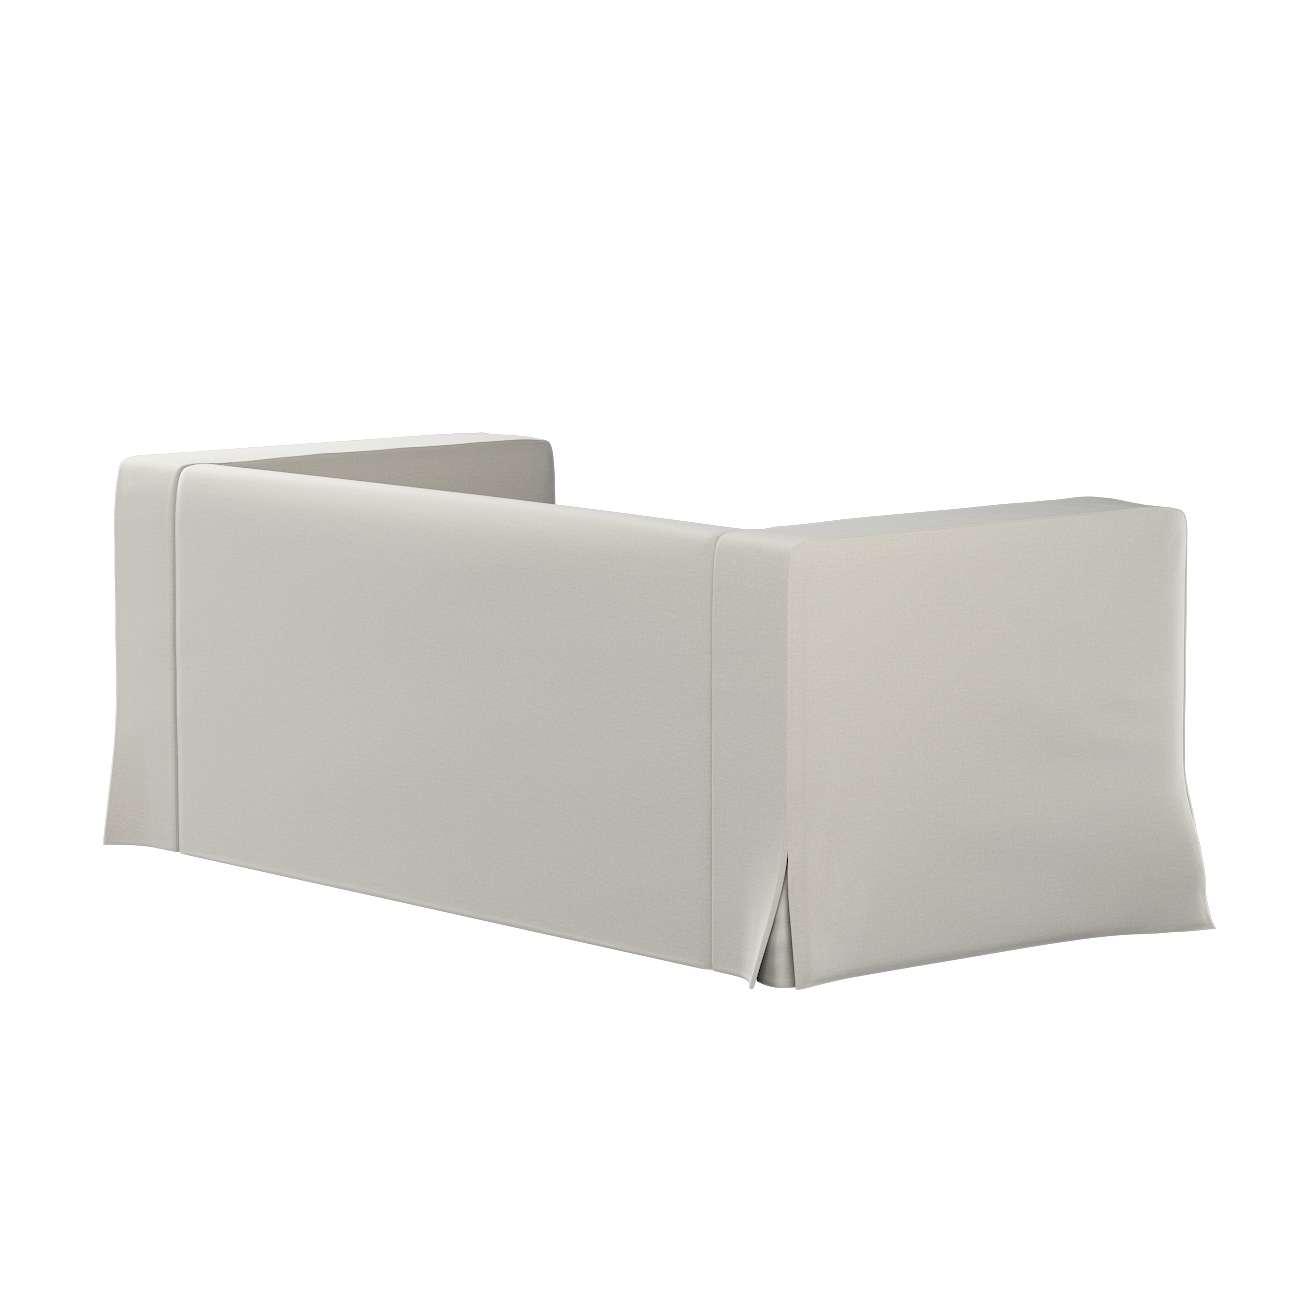 Pokrowiec na sofę Klippan 2-osobową długi z kontrafałdami w kolekcji Ingrid, tkanina: 705-40